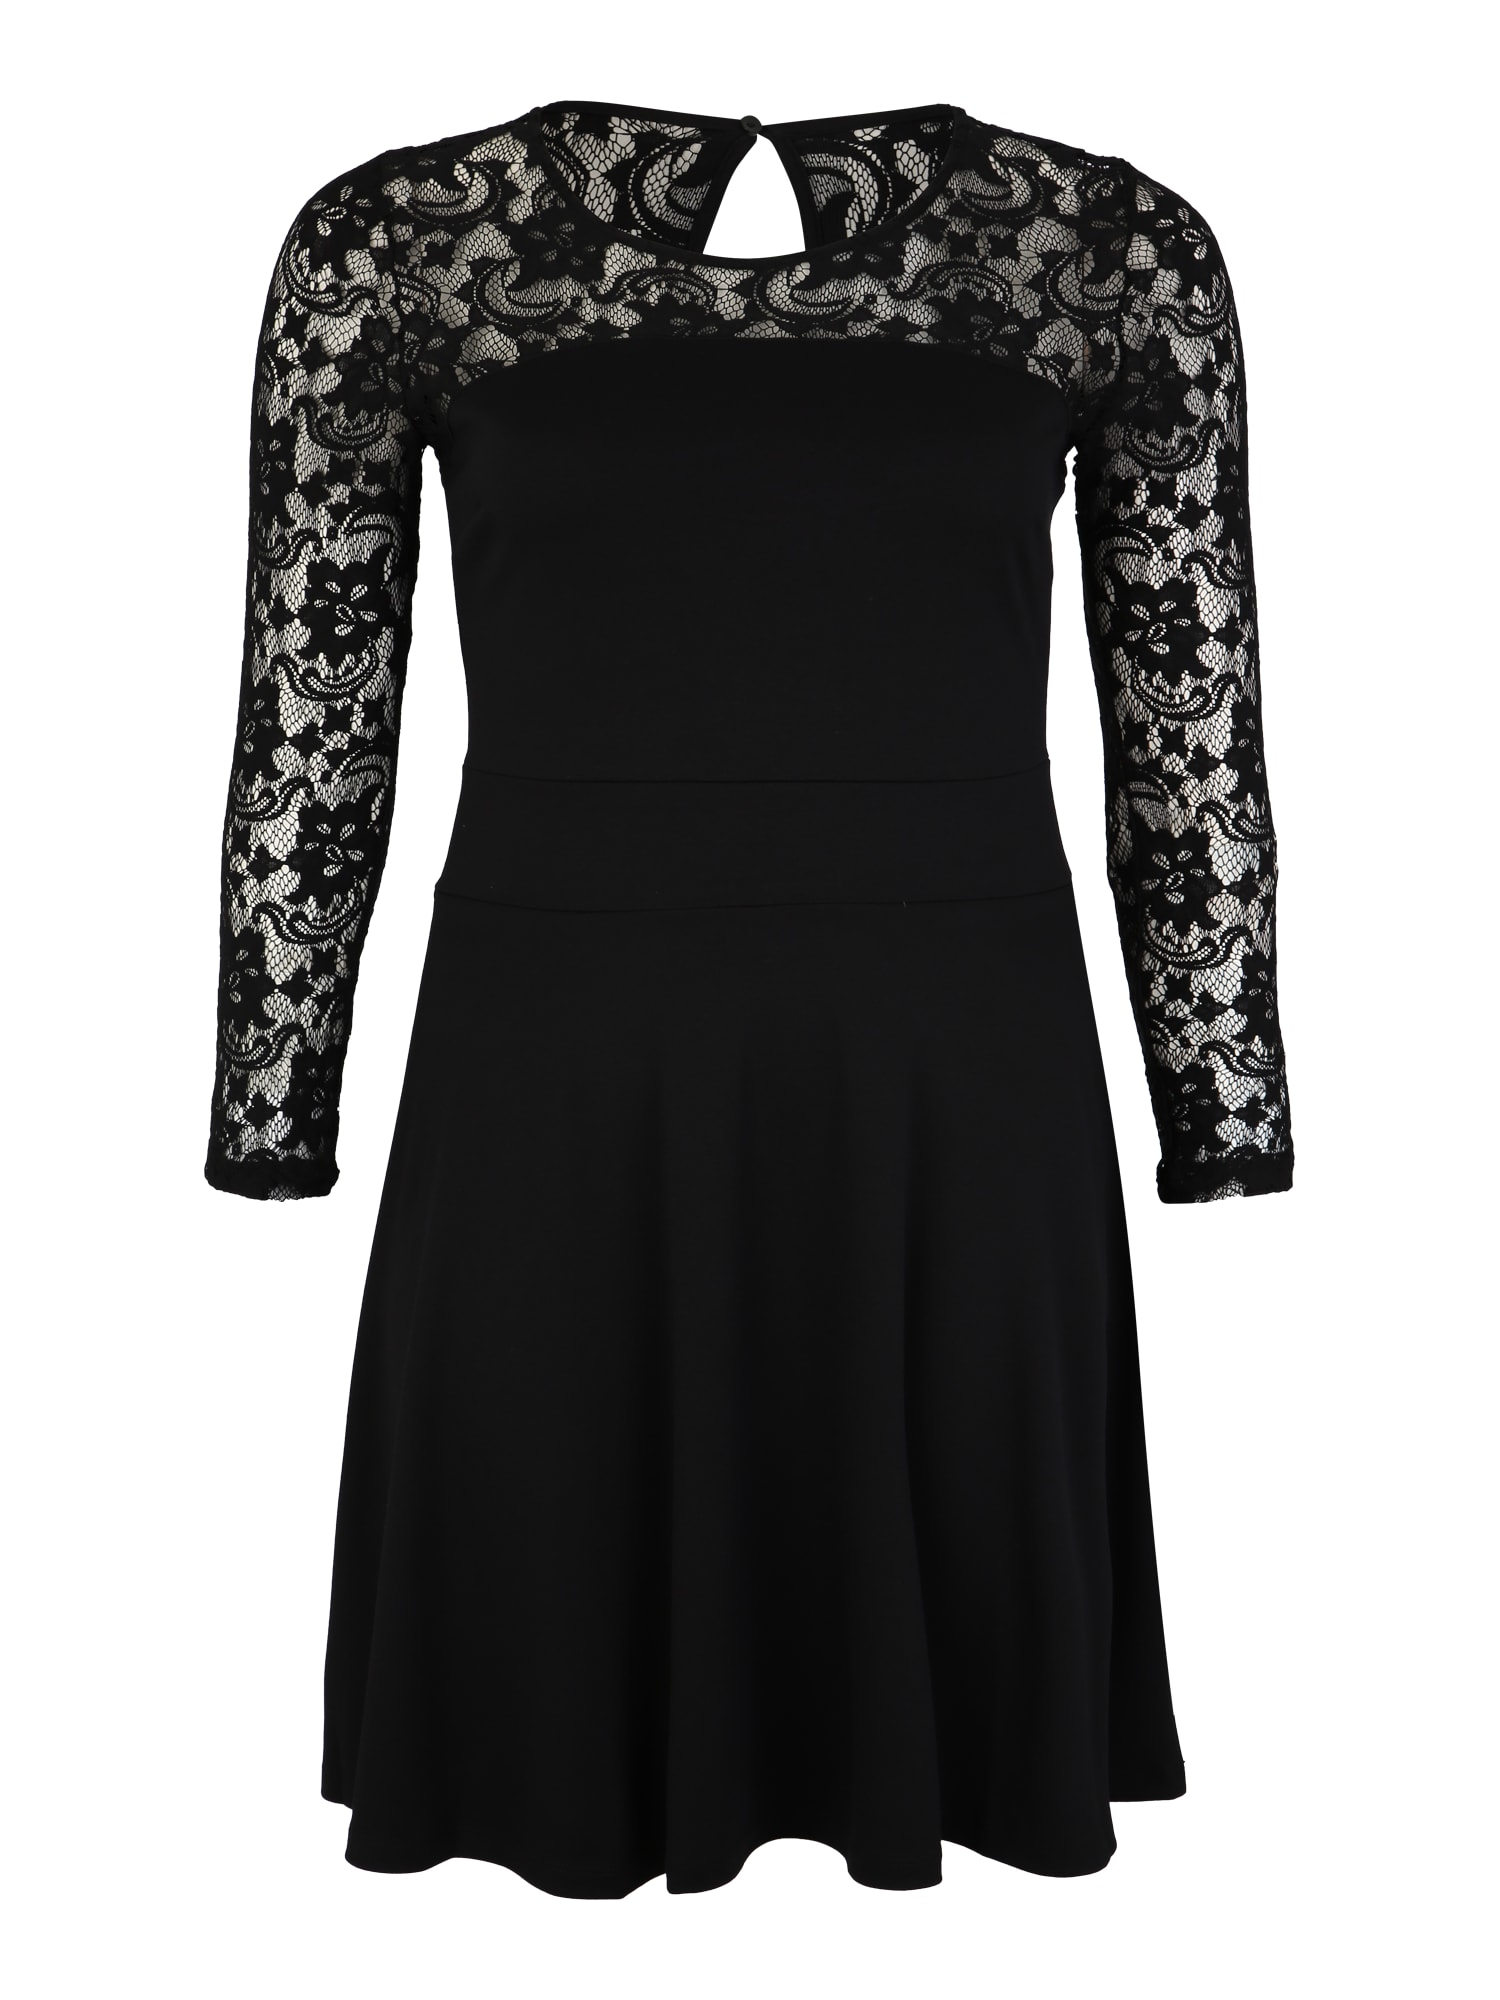 Koktejlové šaty Jersey Dress with lace longsleeves černá Anna Field Curvy